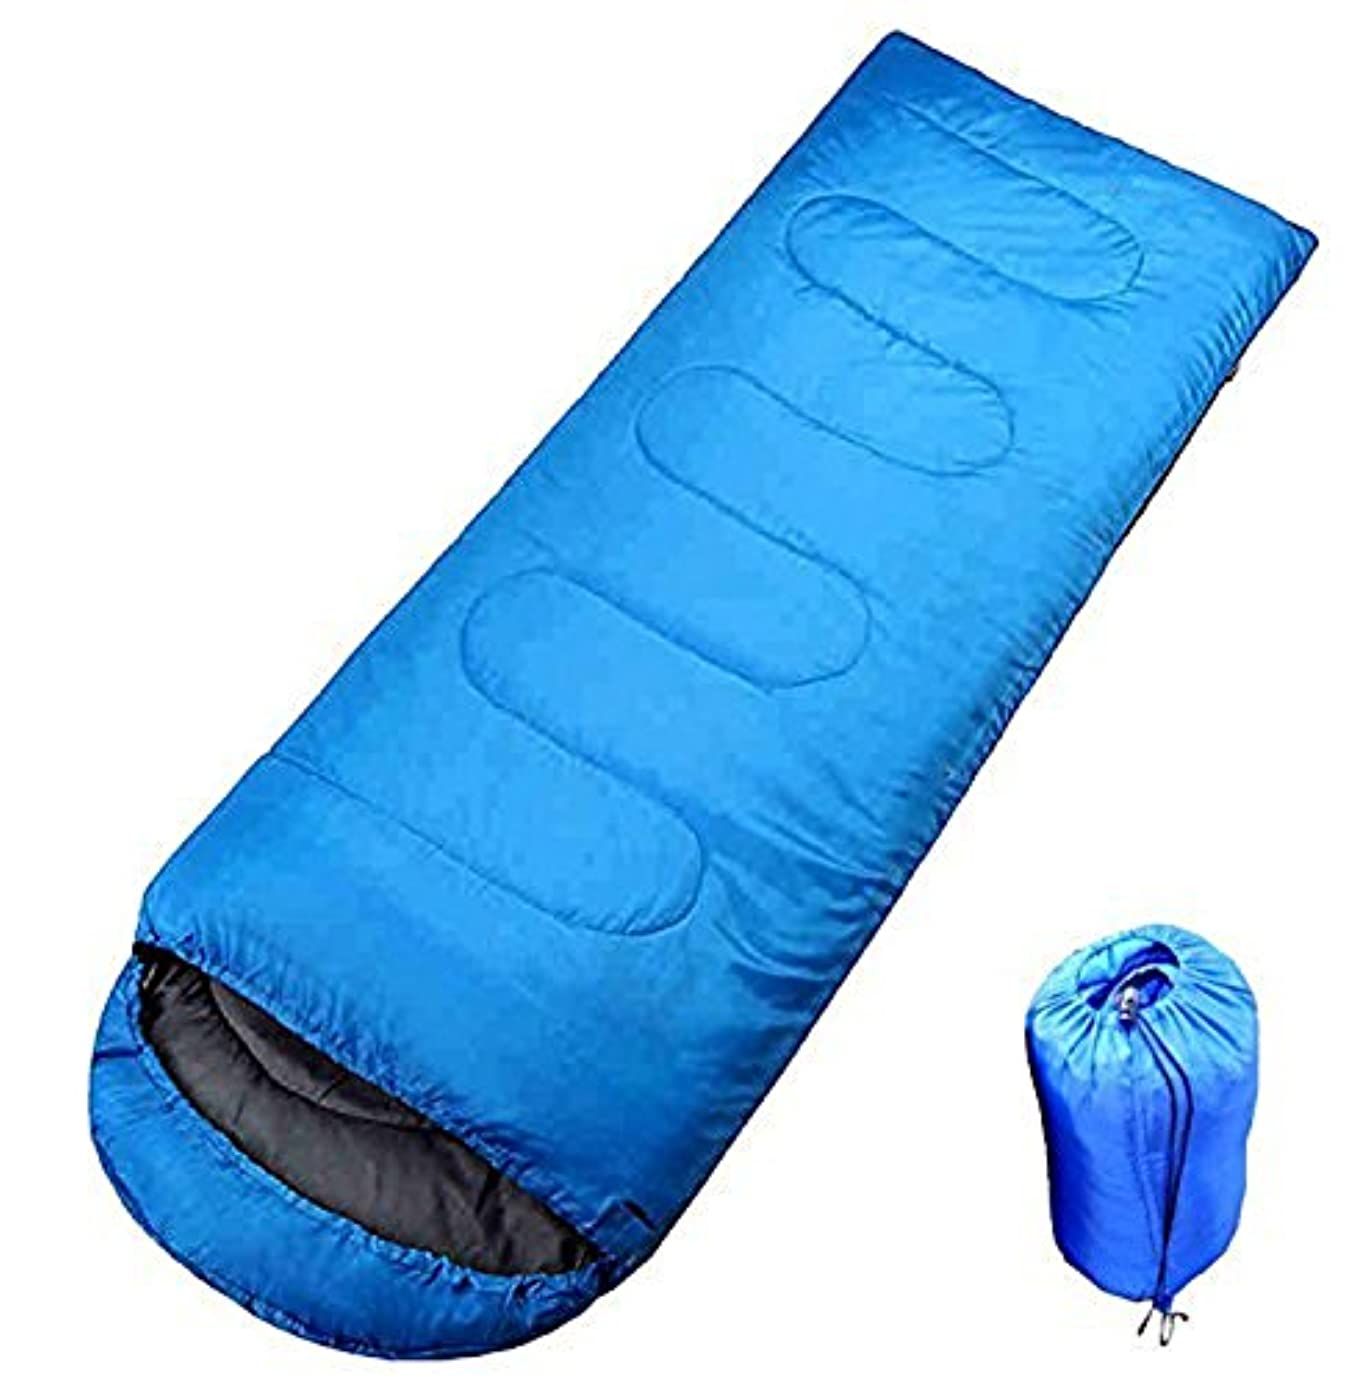 抵抗する放散する飛行機Aoakua 丸洗いOK スリーピングバッグ 封筒型 寝袋 シュラフ [適正温度:5℃~20℃]